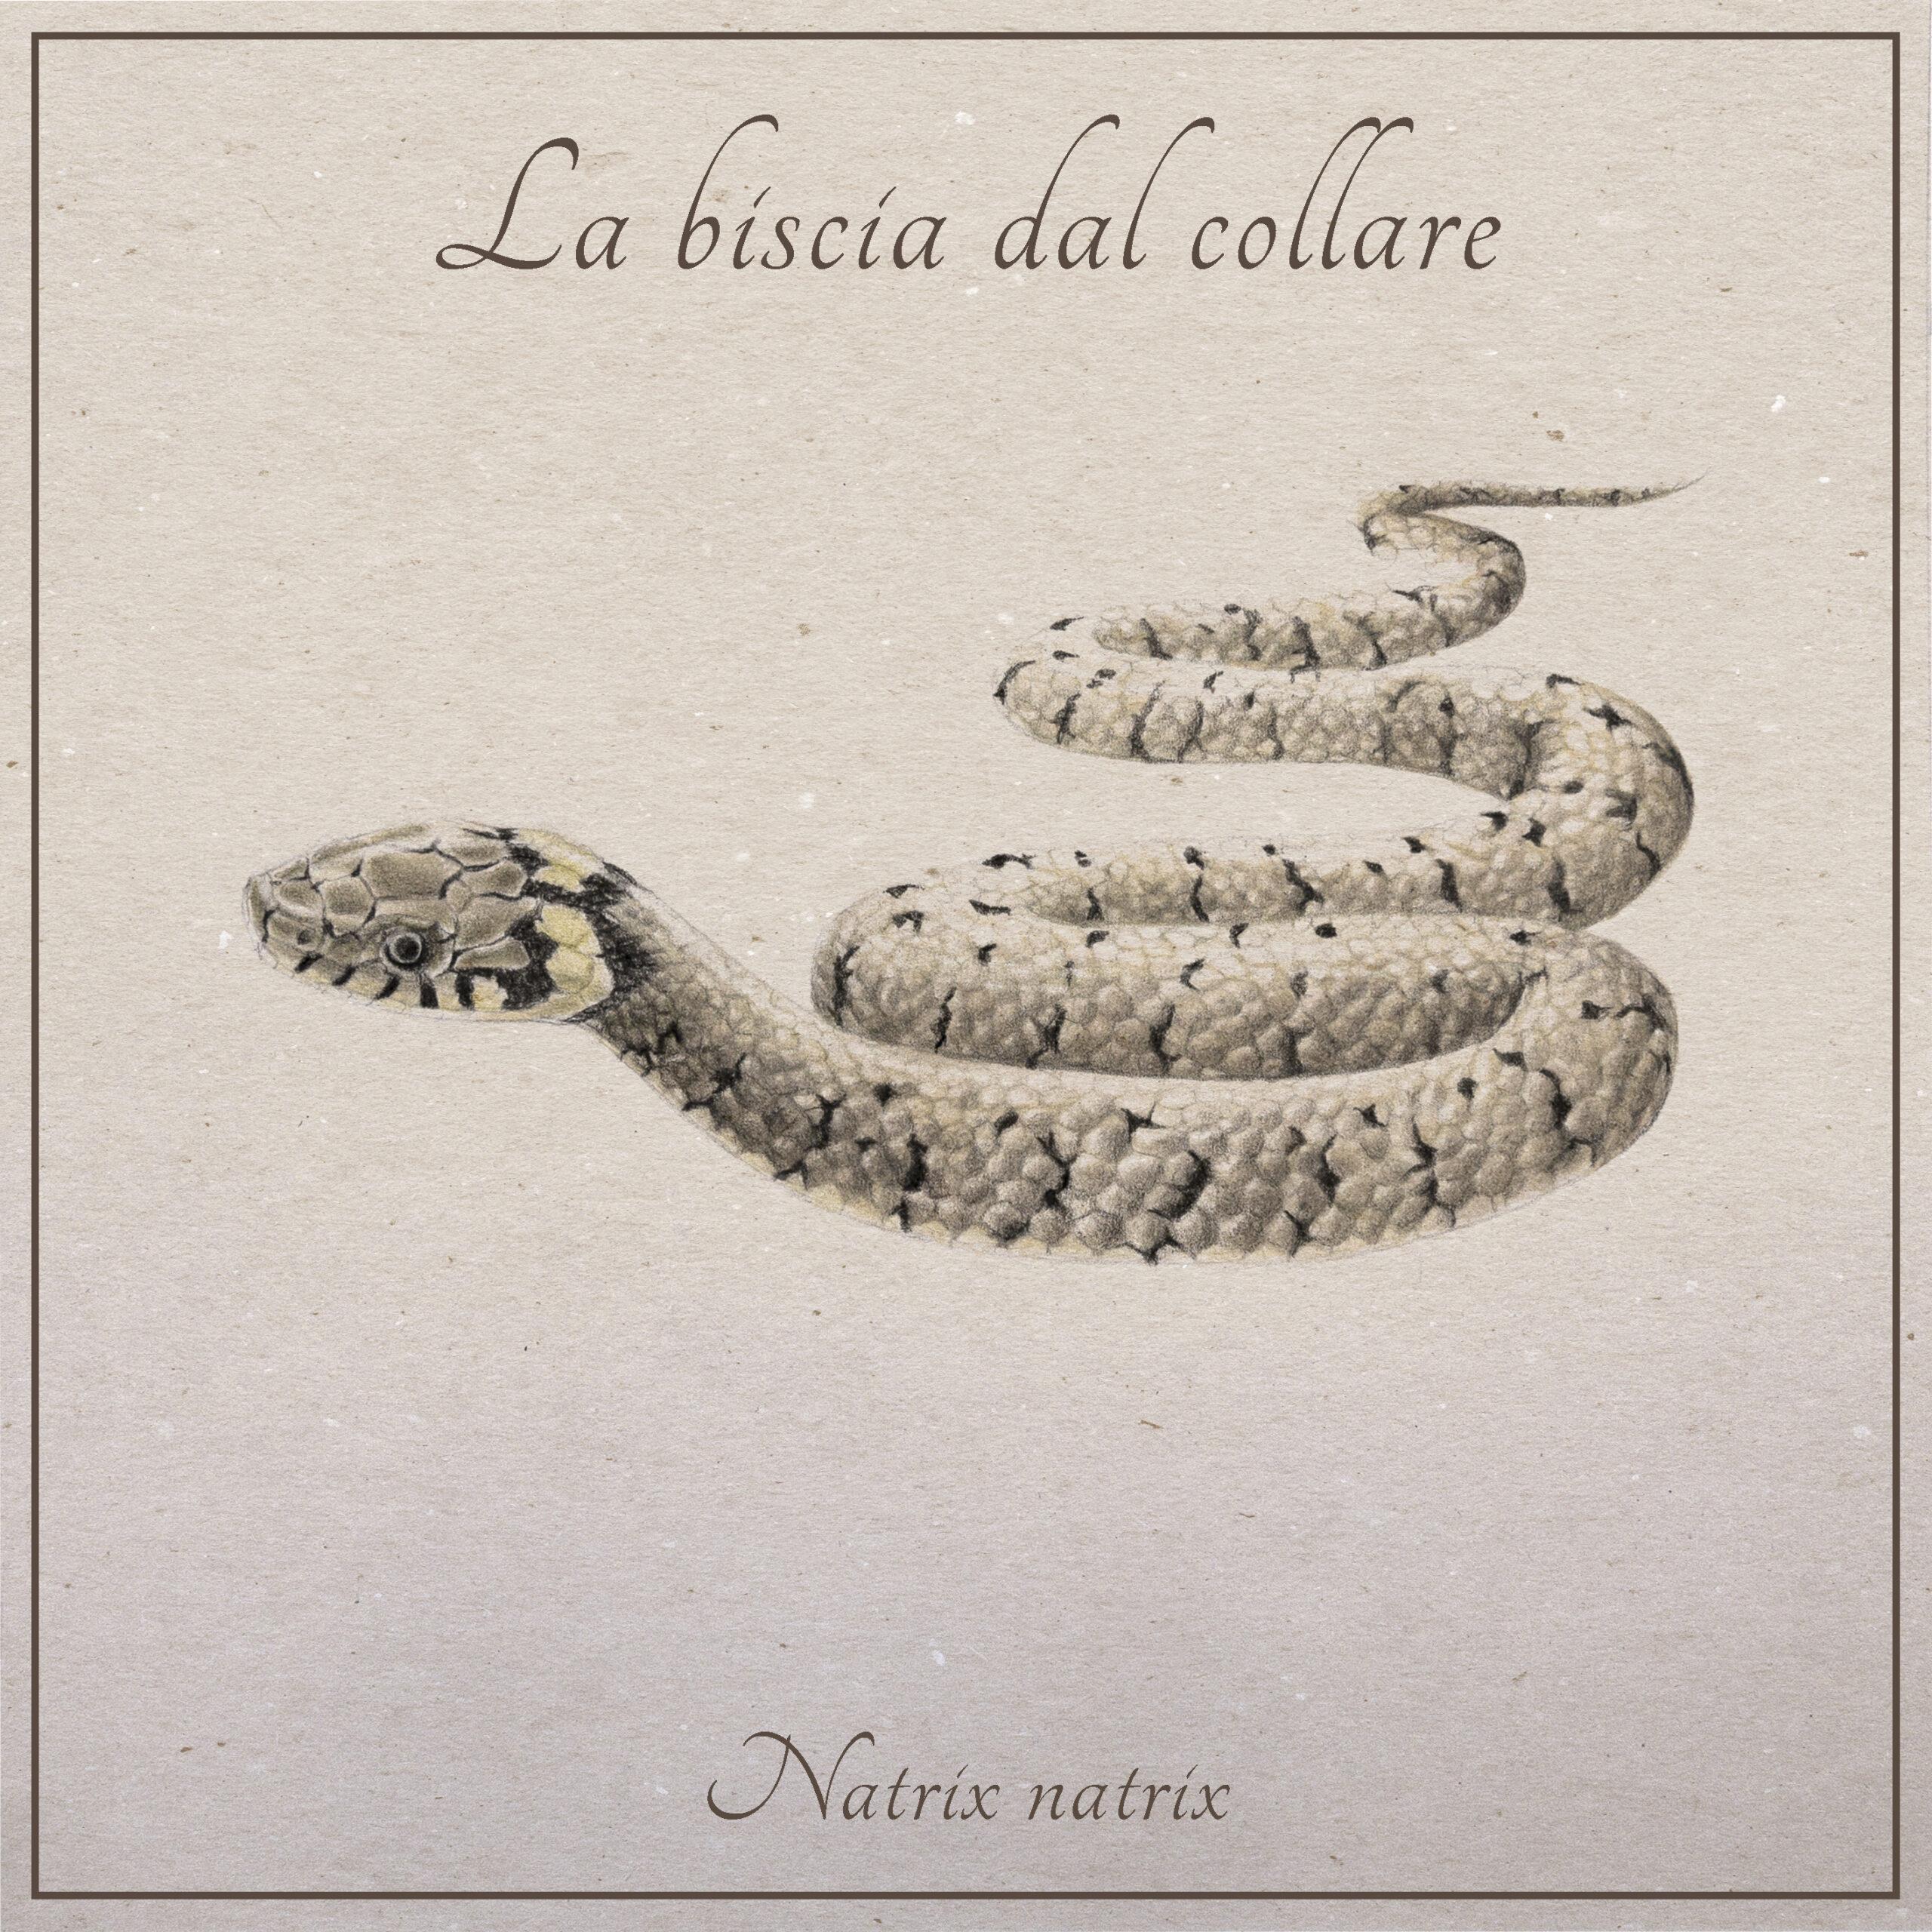 la biscia dal collare, animale che vive nel Tevere, illustrata da Nicoletta Guerrieri